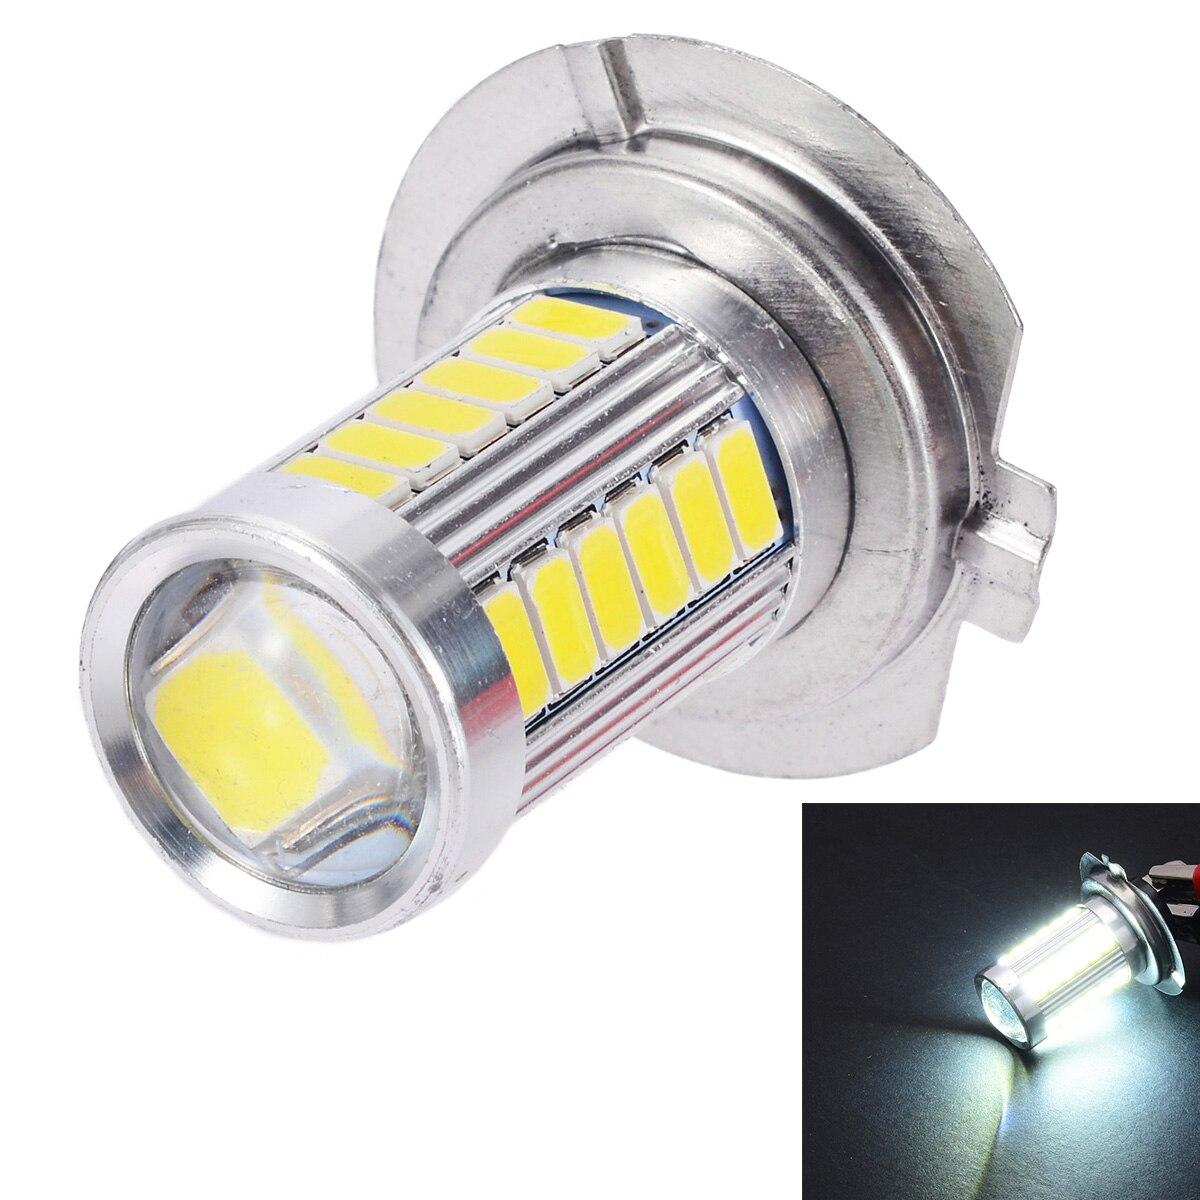 1pcs Car H7 LED 5630 33SMD LED Fog Lamp Head Light 12V 6500K White Auto Car Signal Lamp LED Bulb